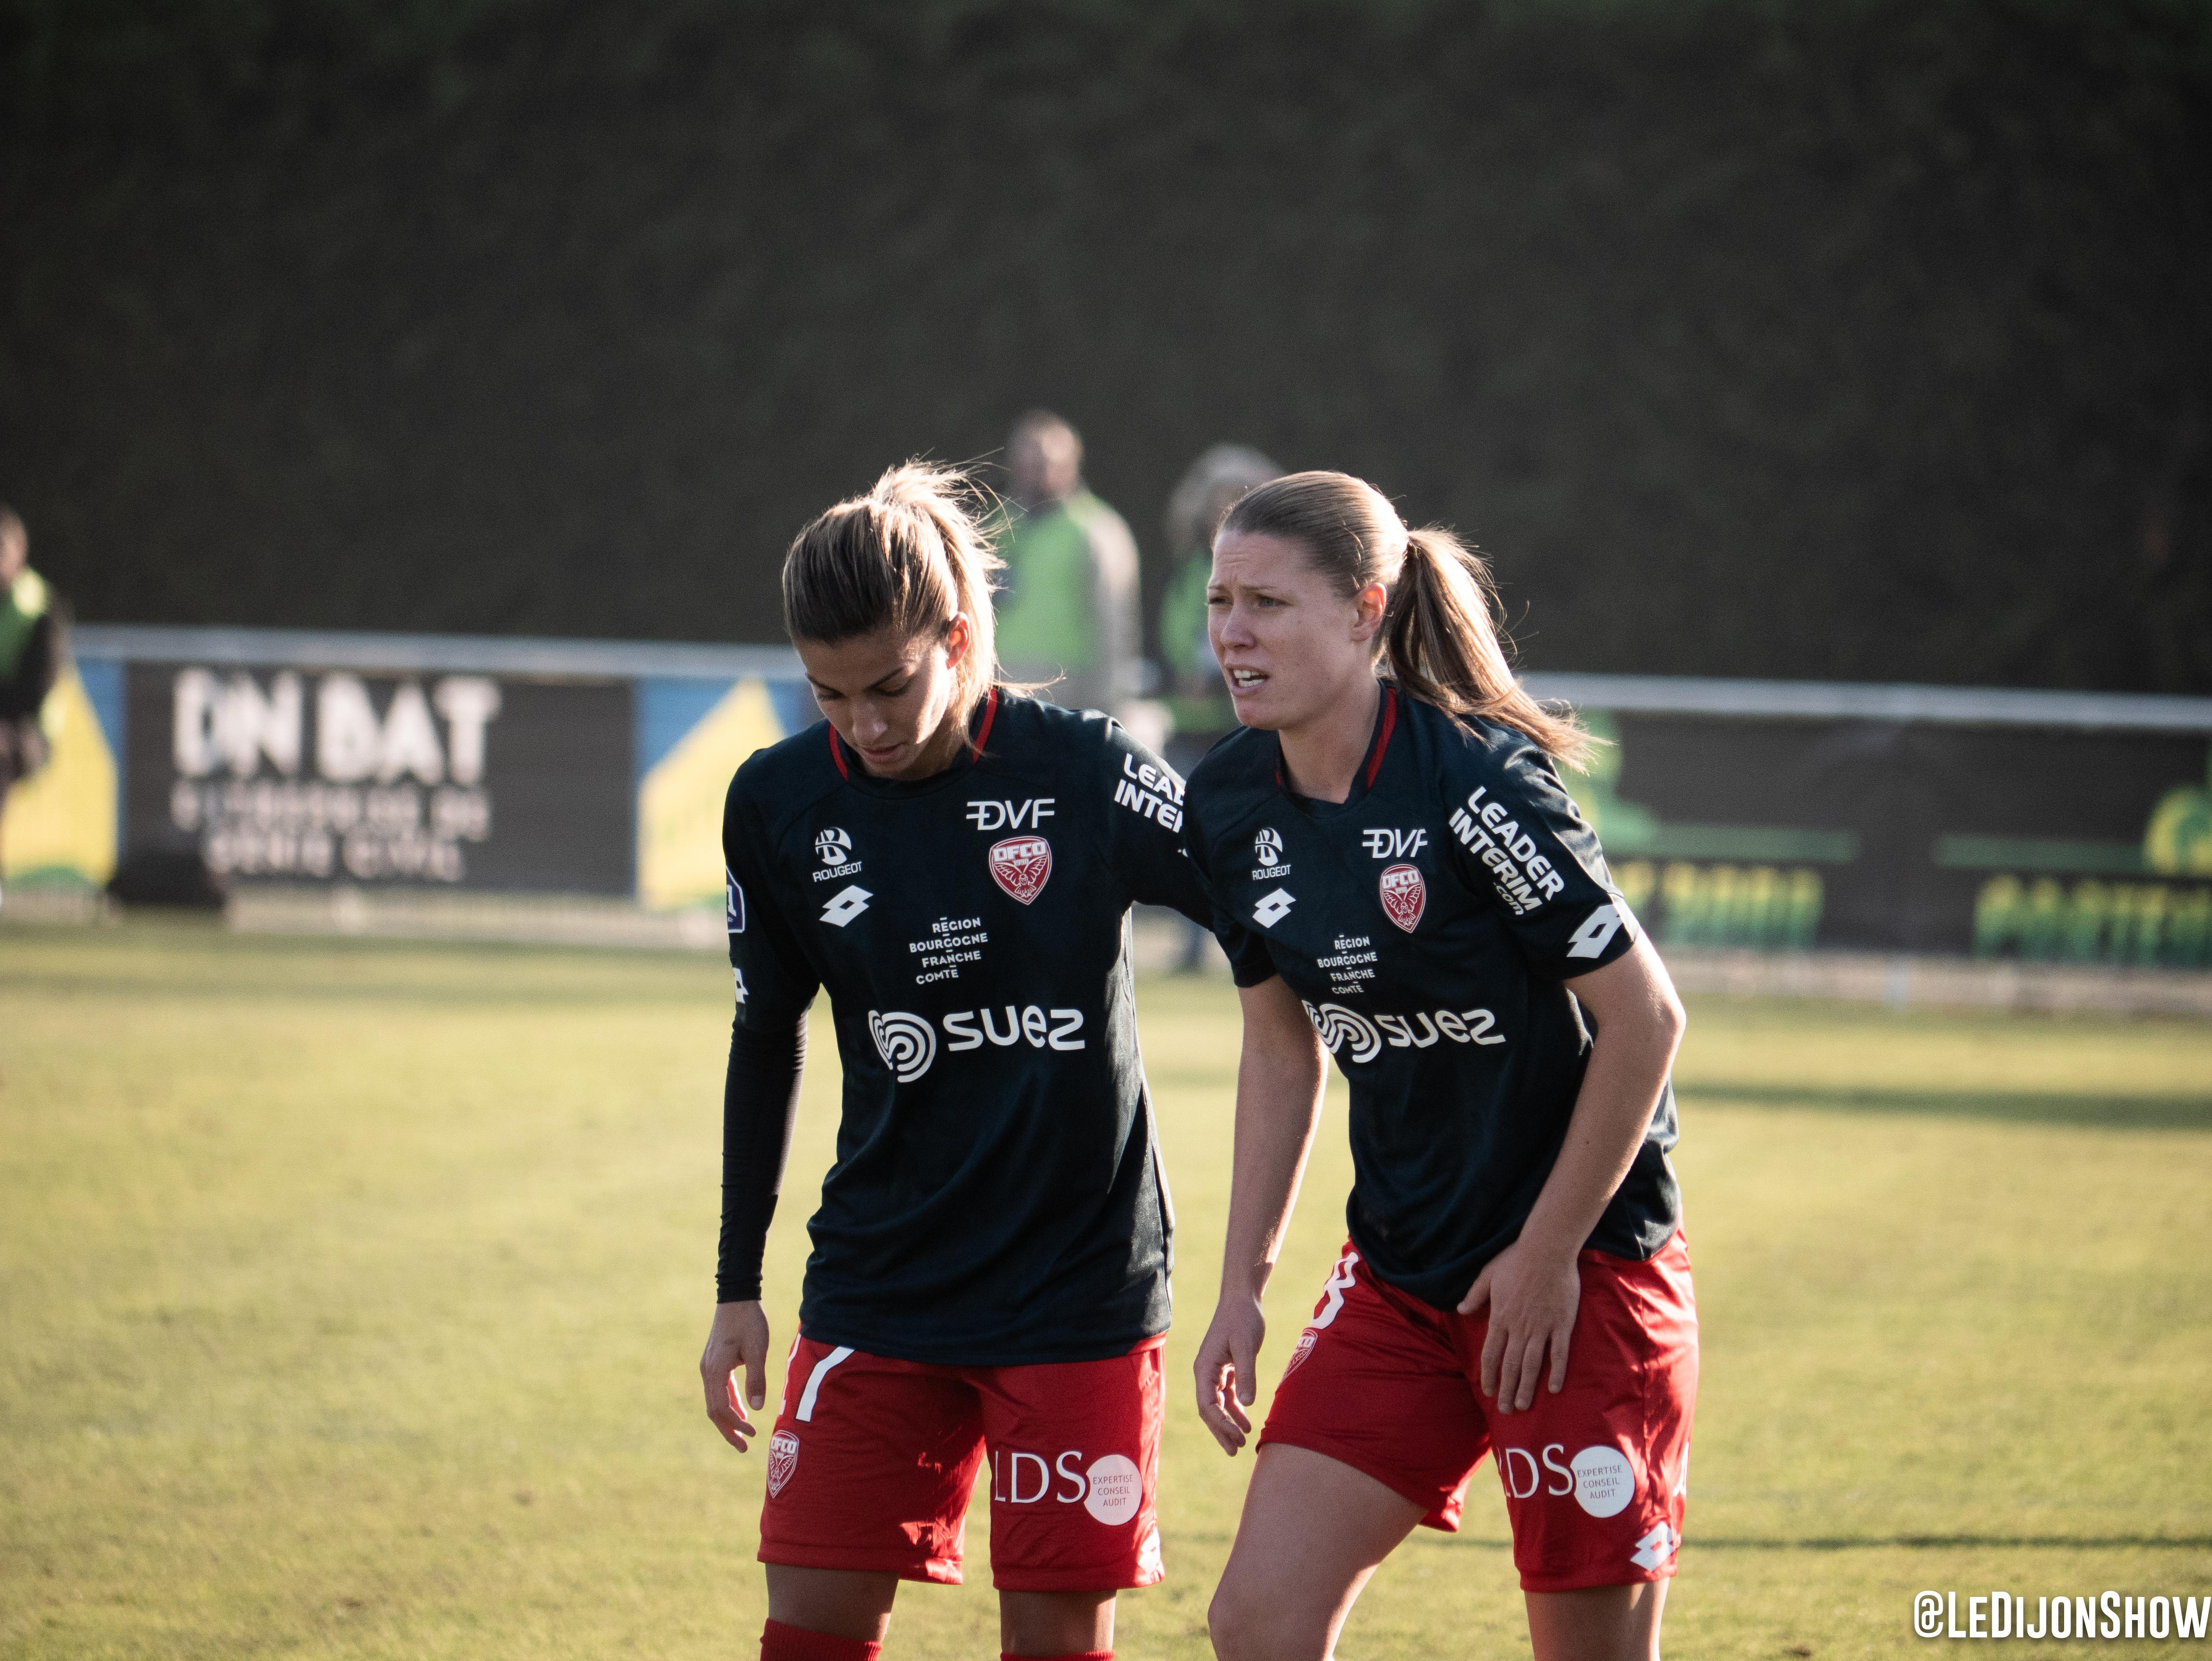 Lalia Storti et Léa Declercq